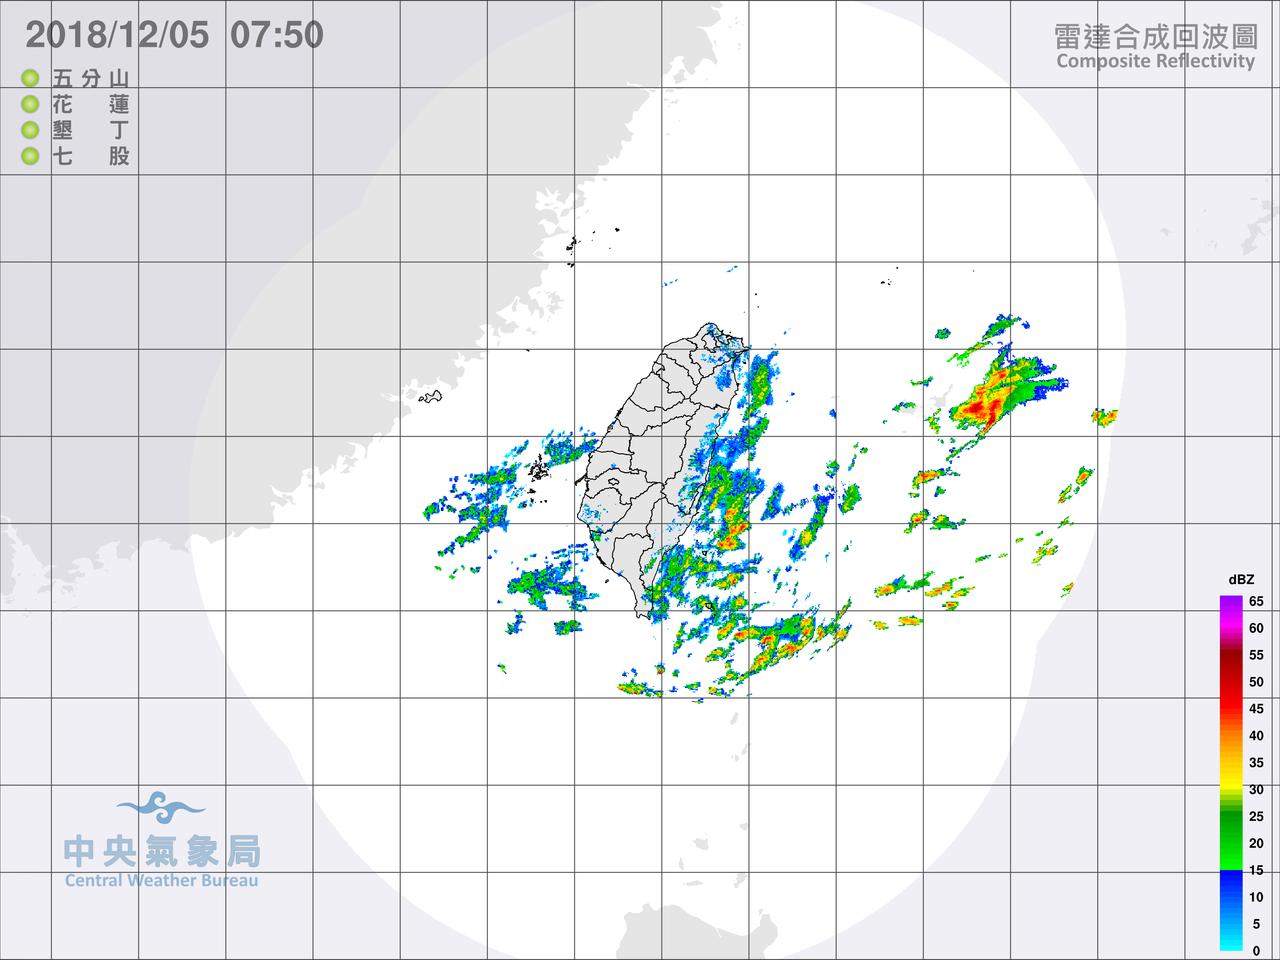 北台灣迎風面今晨開始下局部雨,明晚至周六另一波較強冷空氣影響,氣溫下降,台北市最...